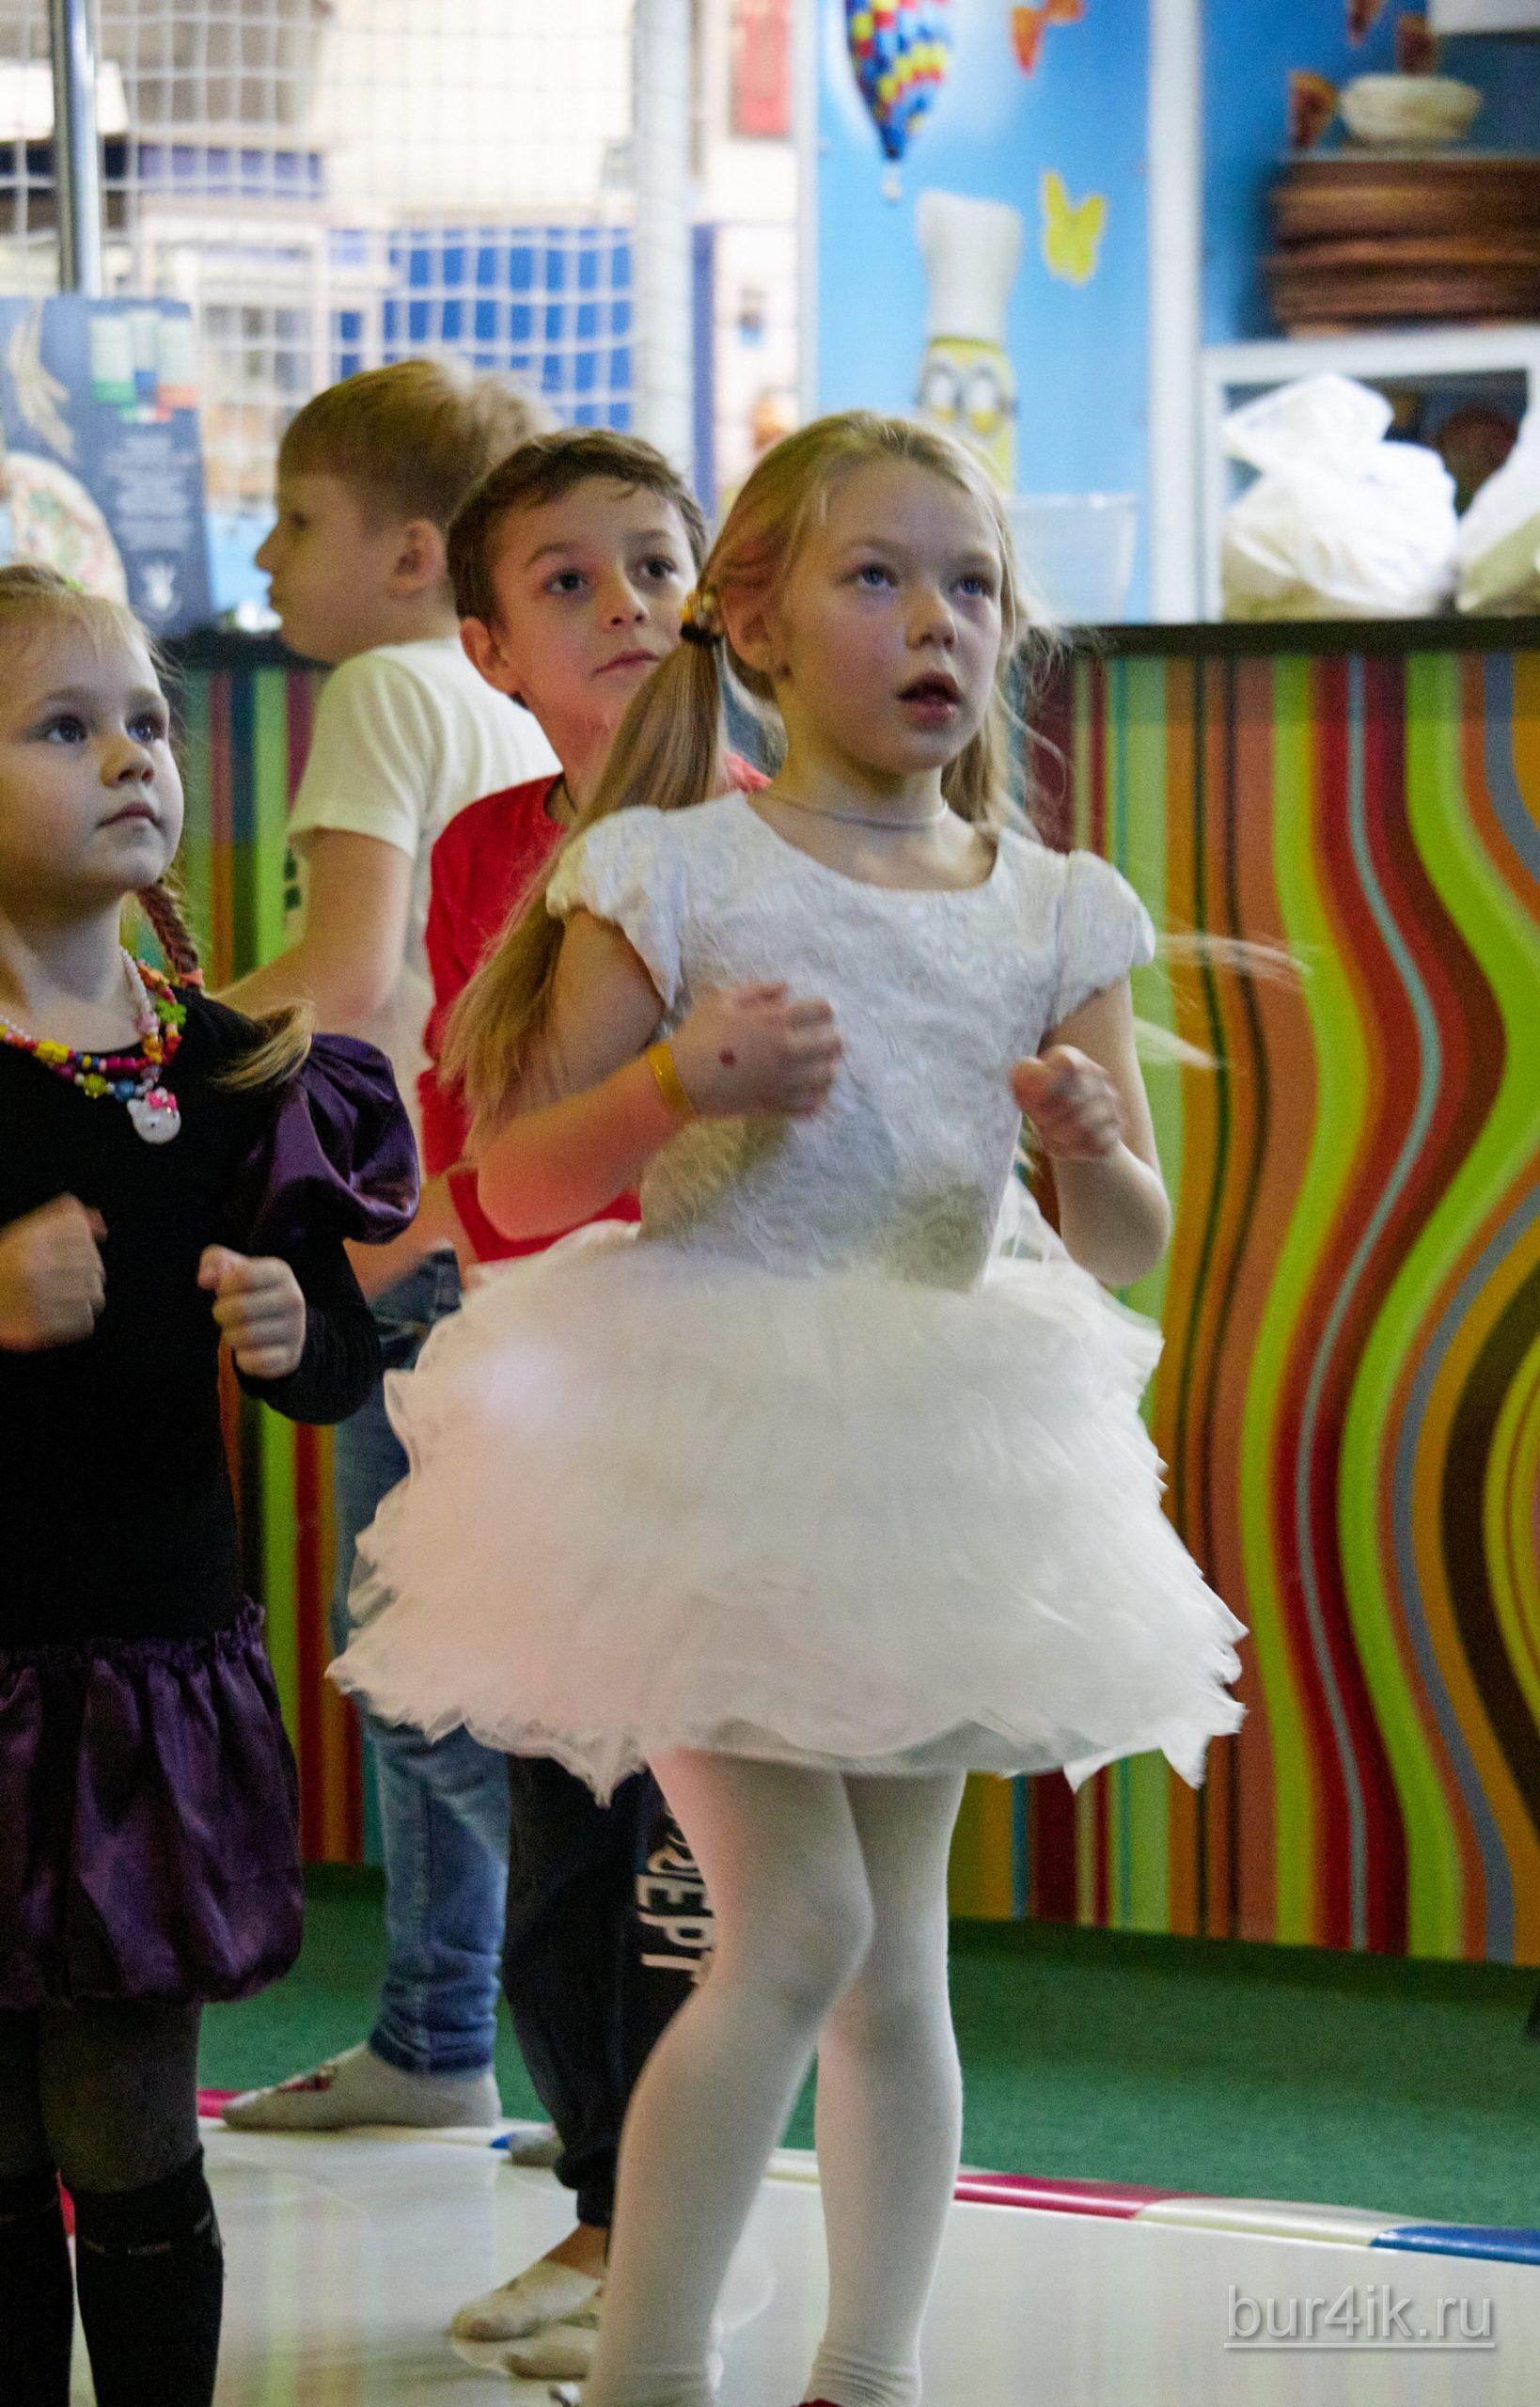 Фото Детское День Рождения в Детский Дворик 15.01.2020 №338 -photo- bur4ik.ru